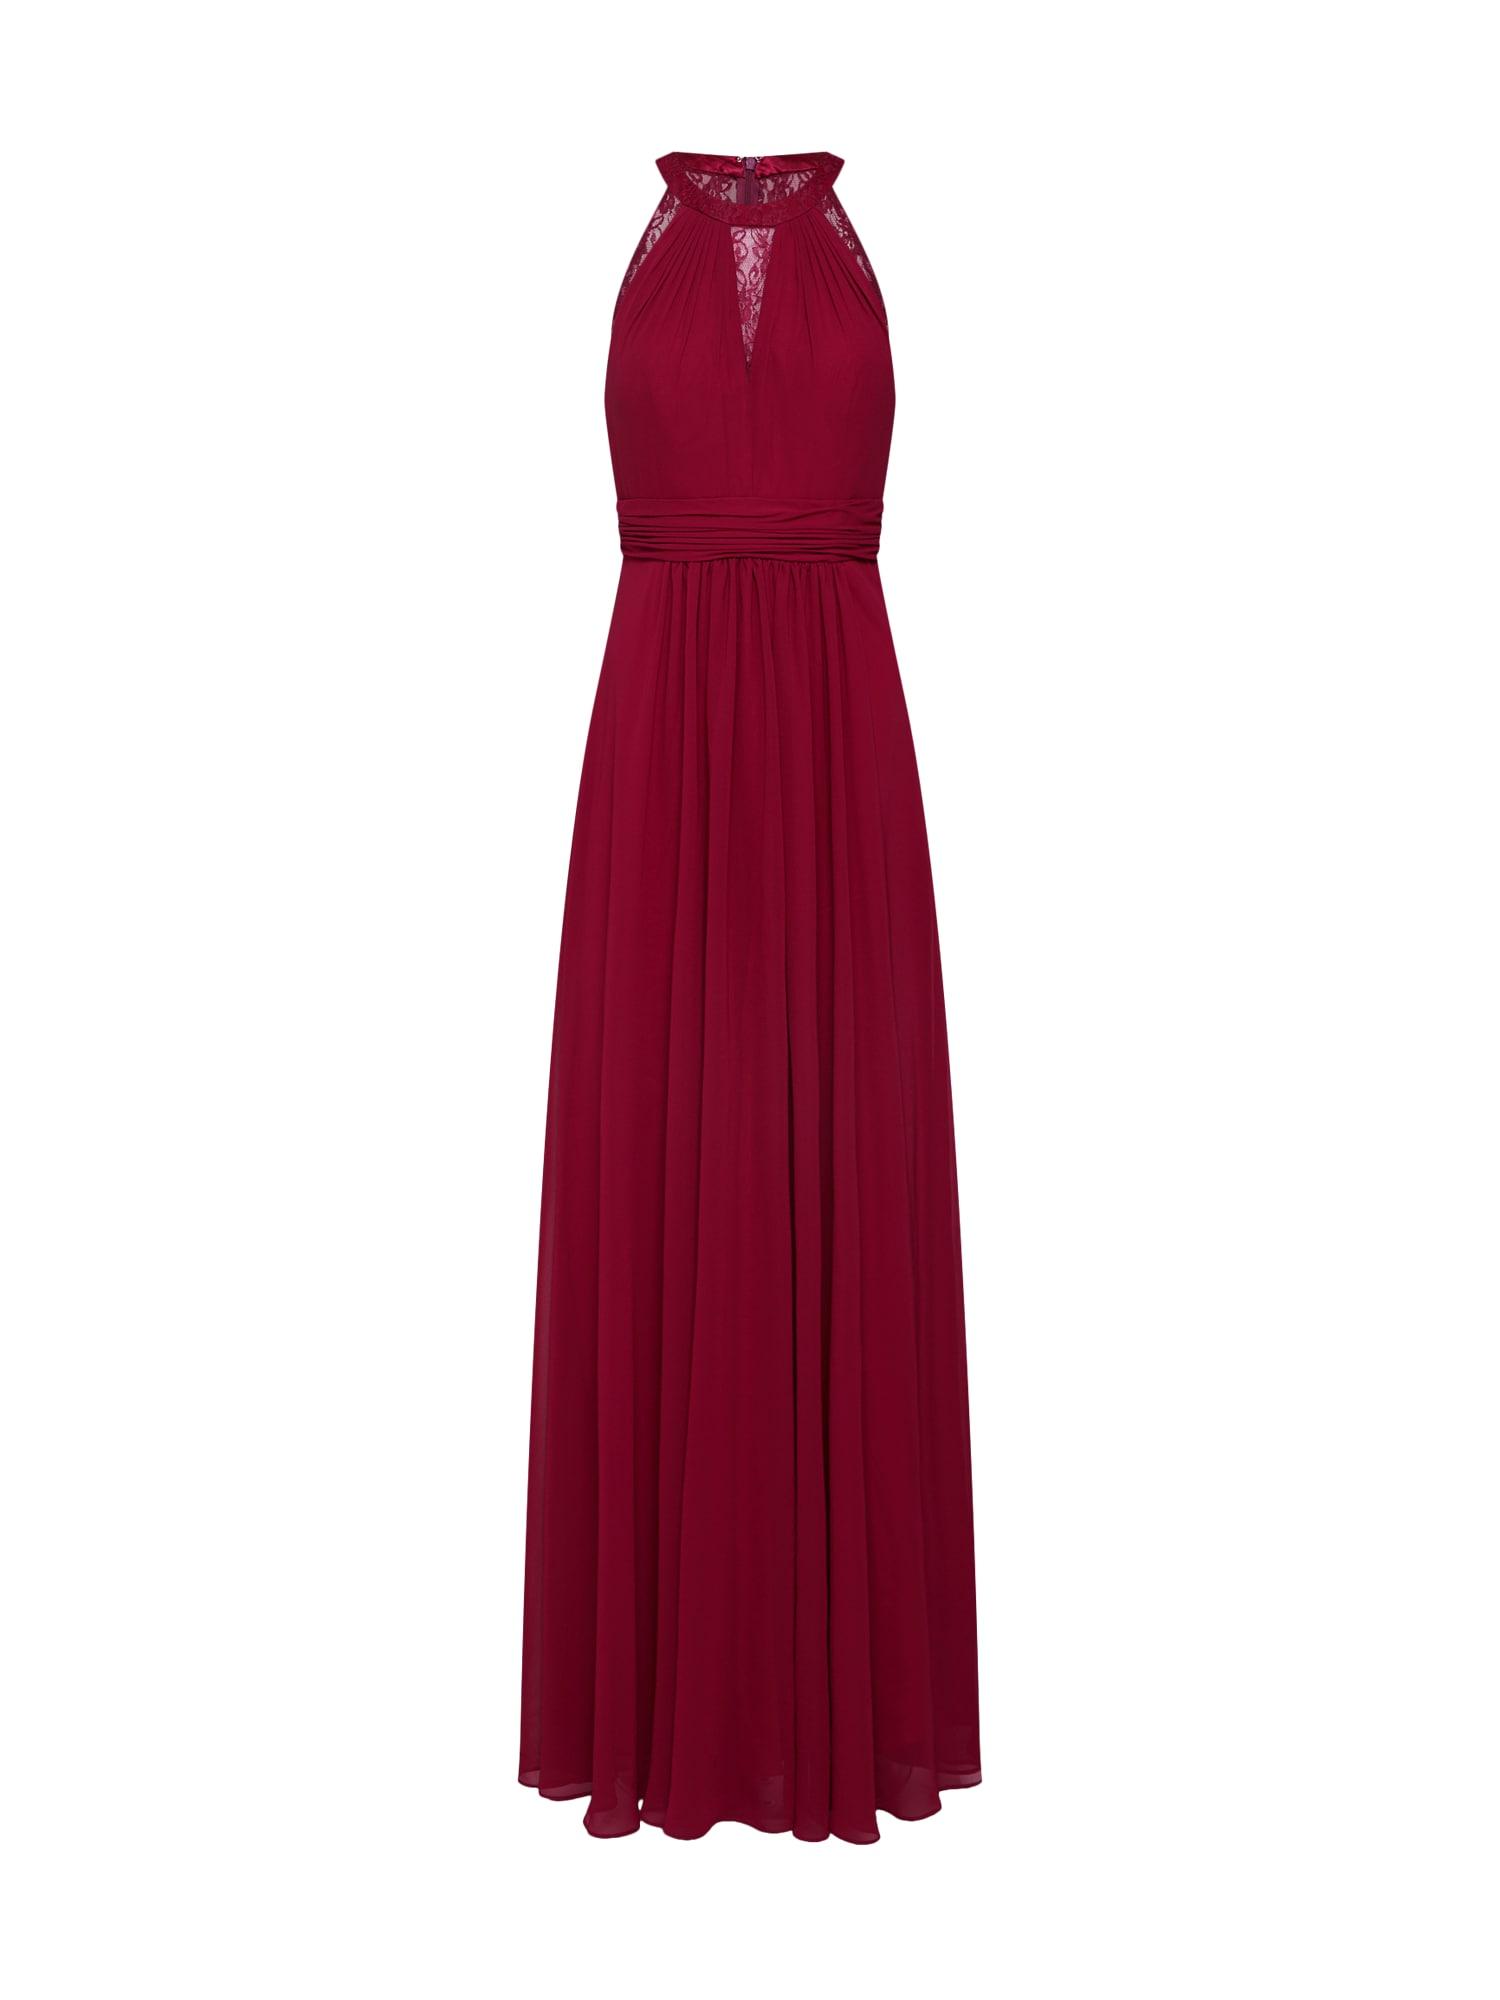 Společenské šaty LACE INSET vínově červená Mascara